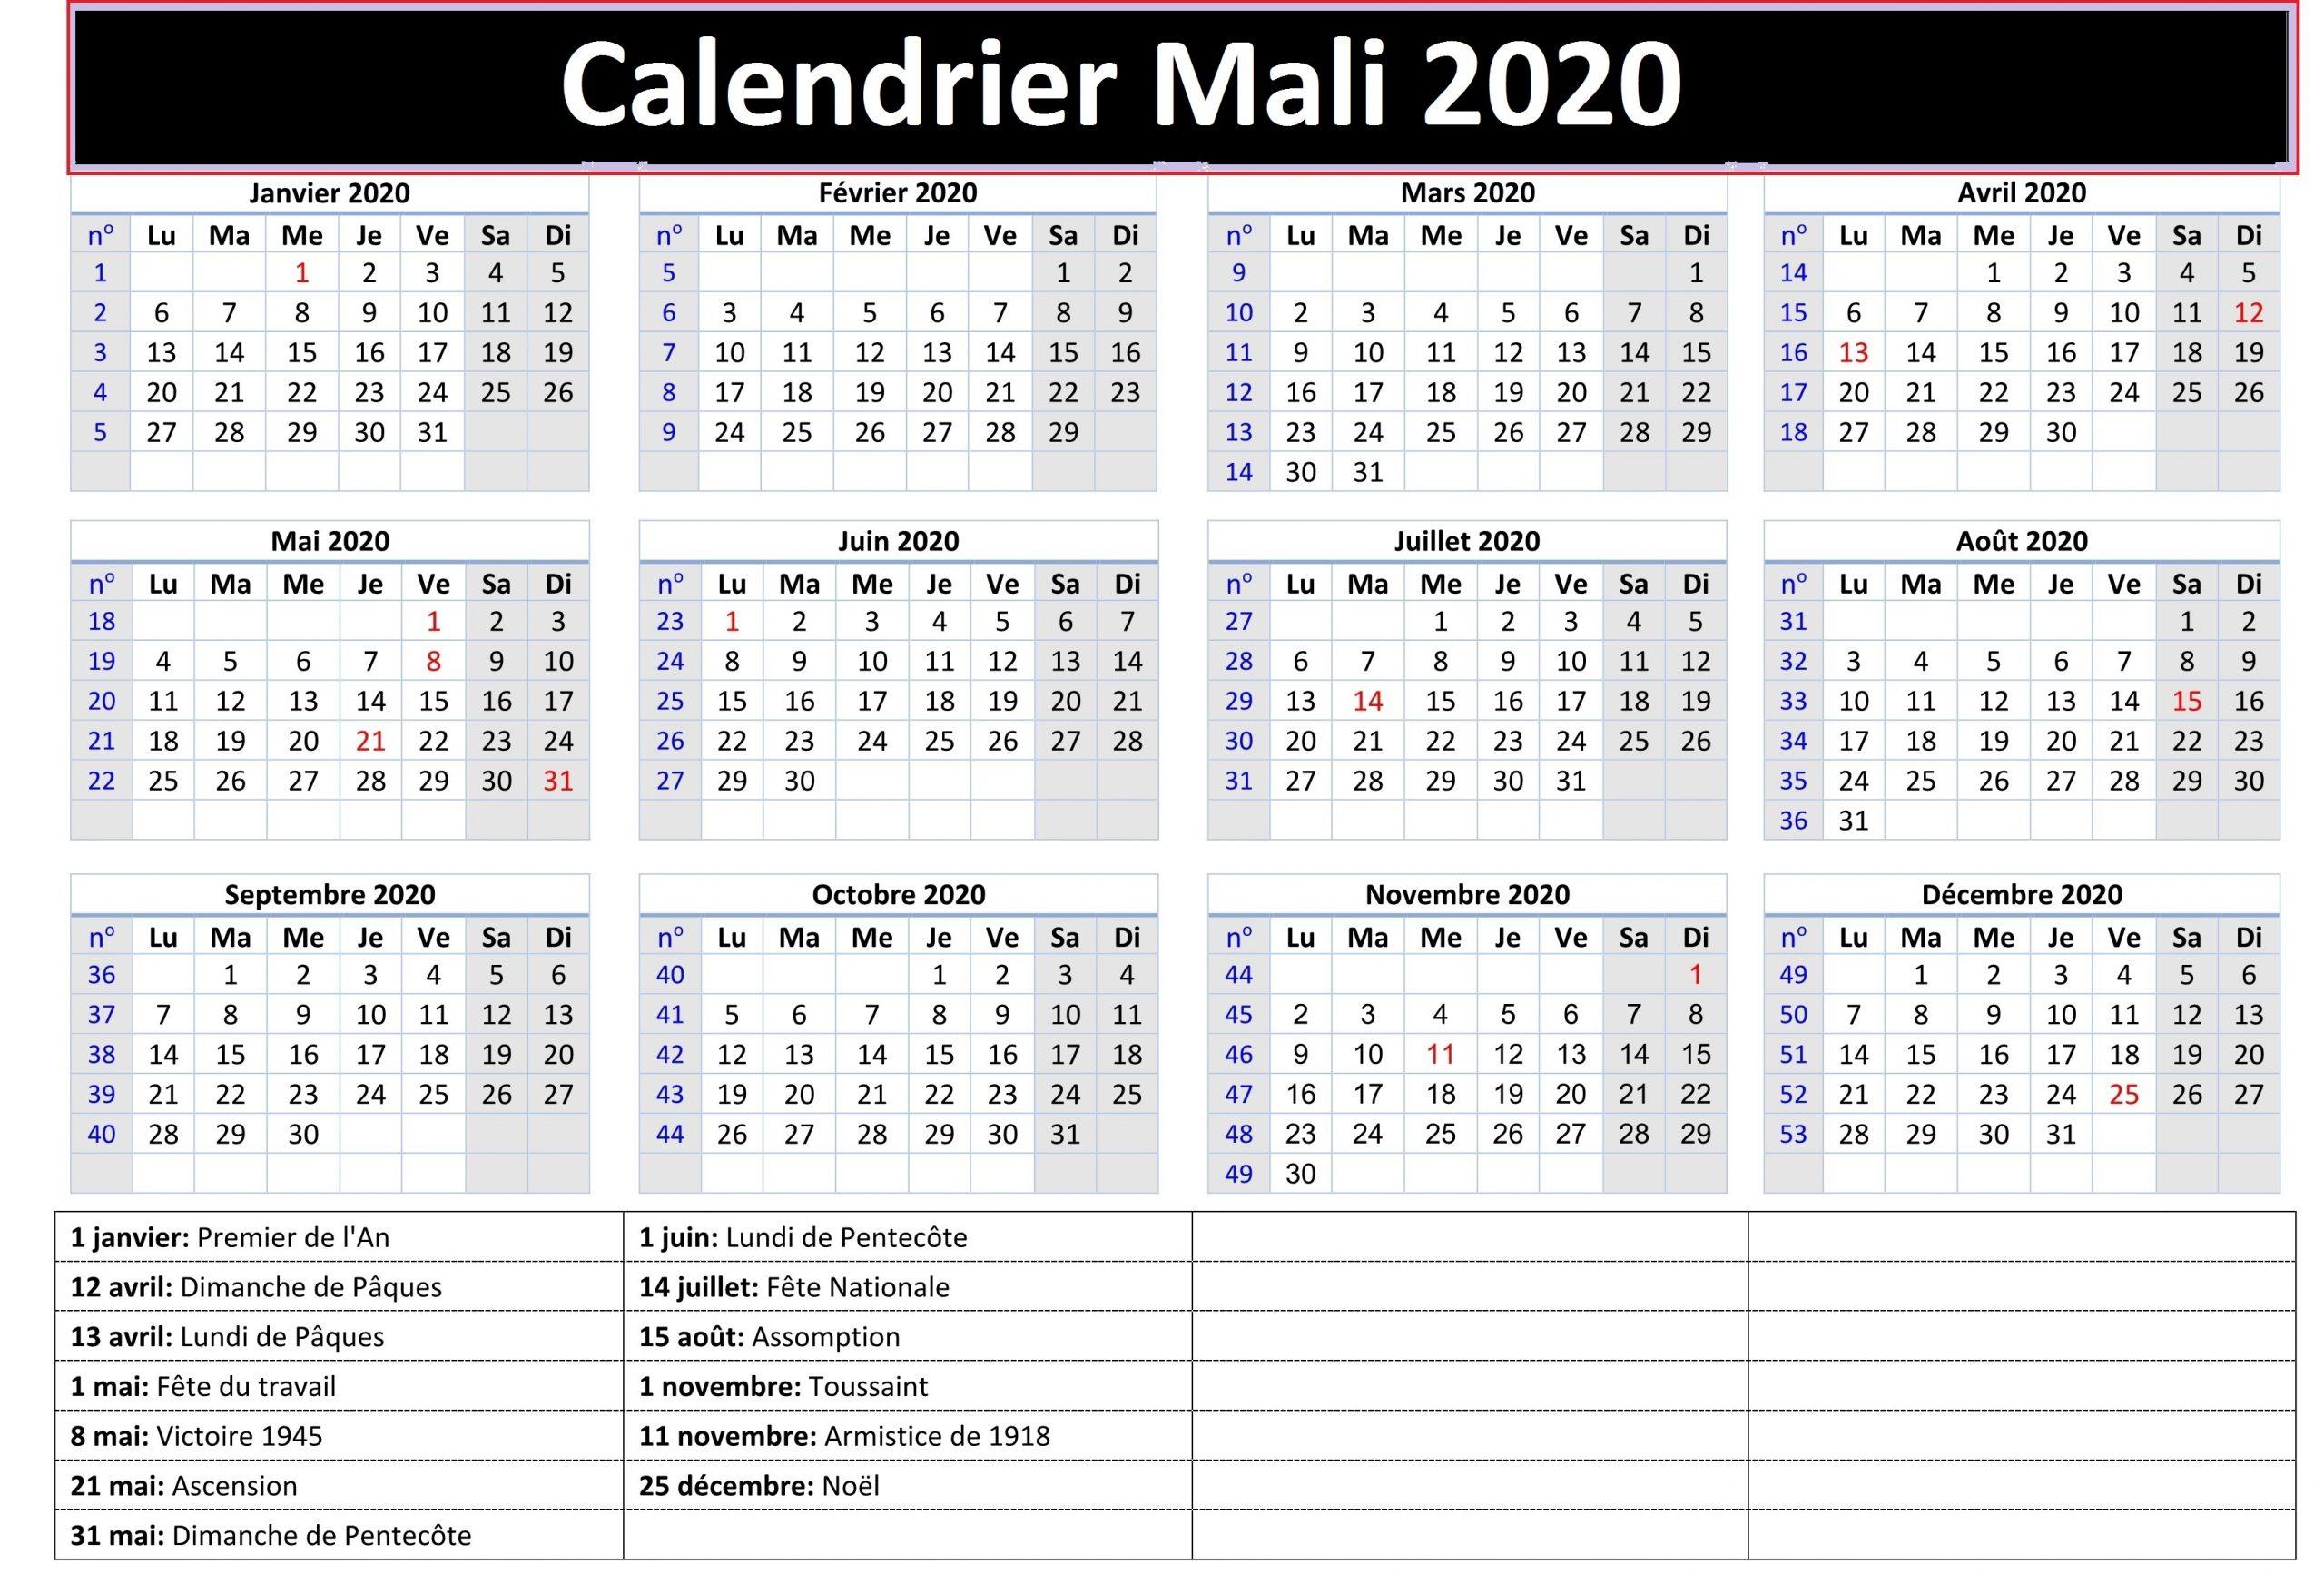 Mali Calendrier 2020 Foot